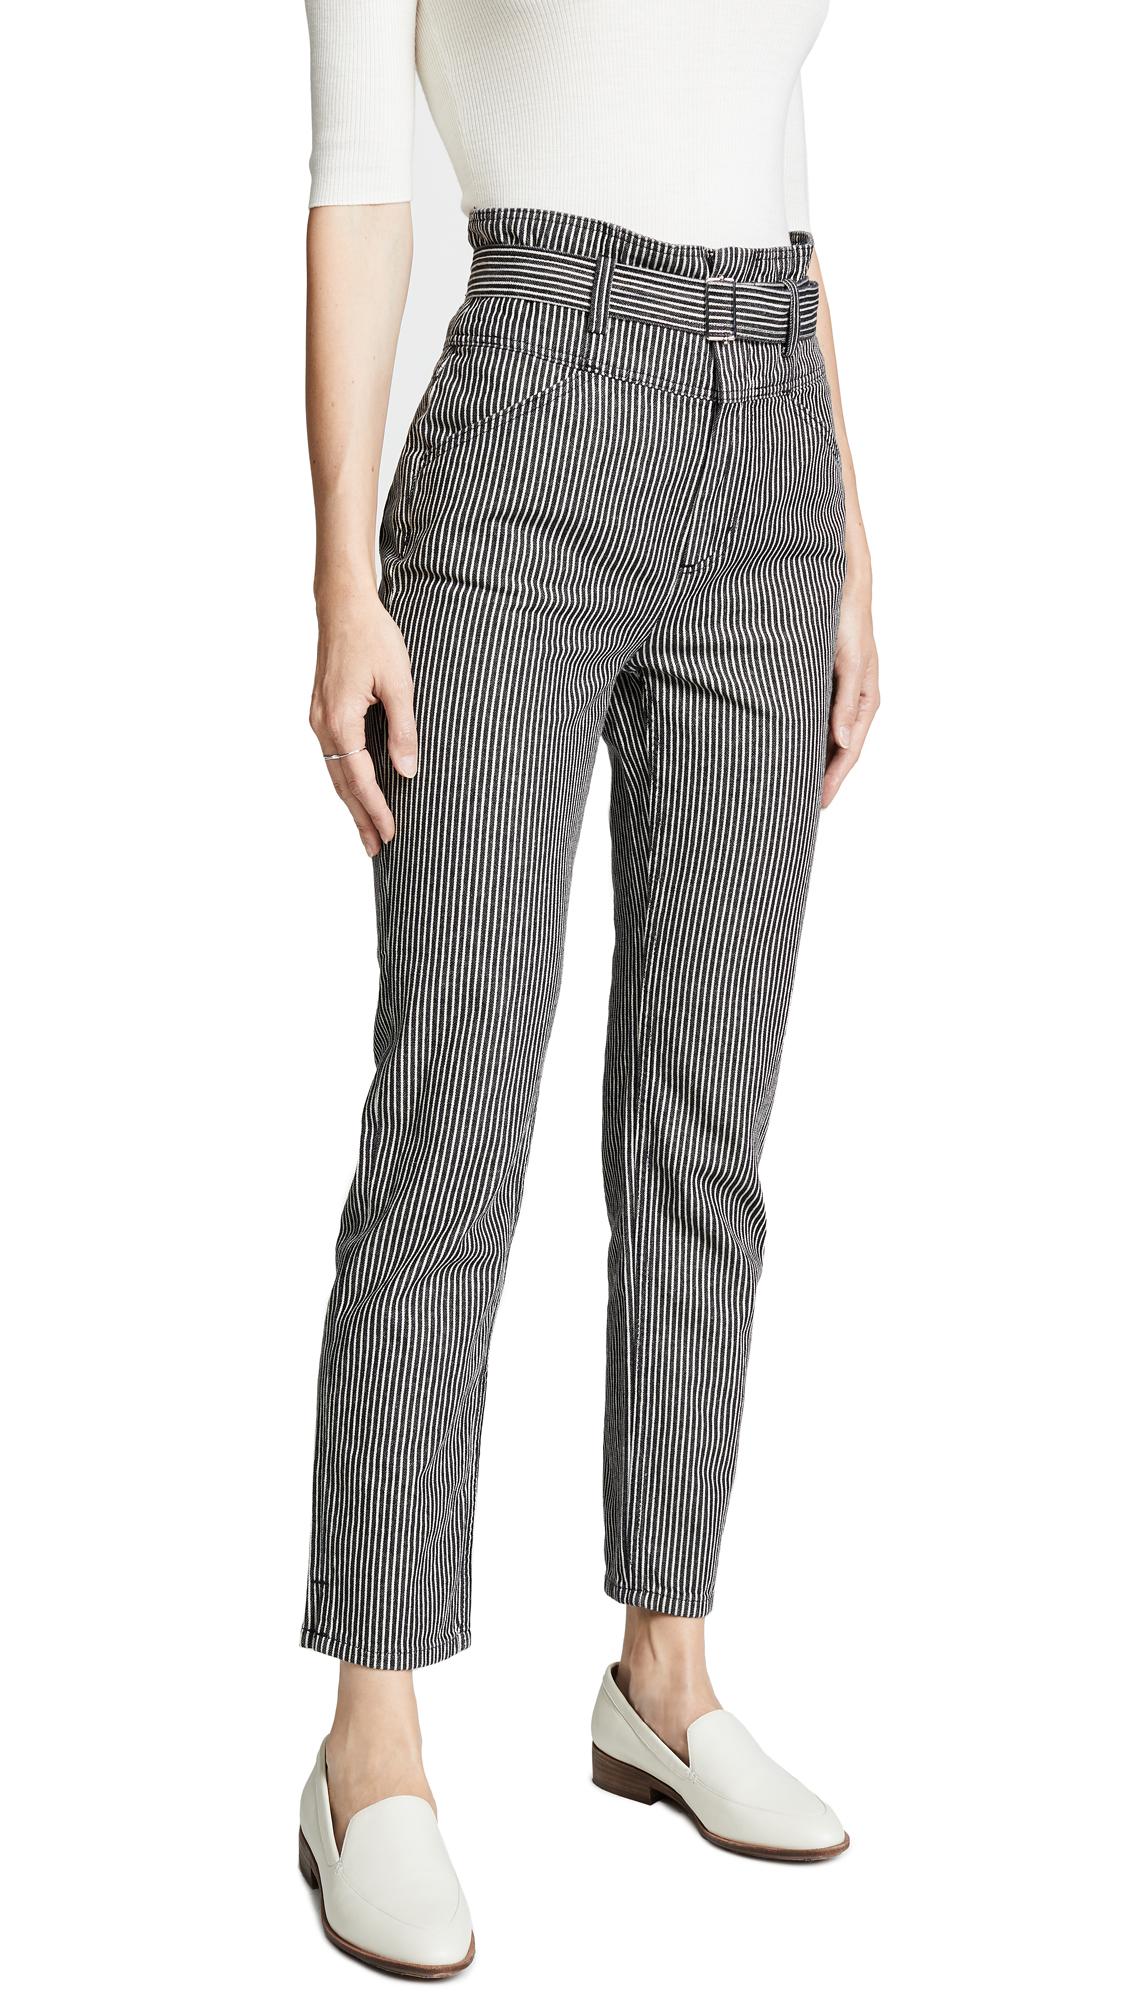 La Vie Rebecca Taylor Striped Jeans In Black